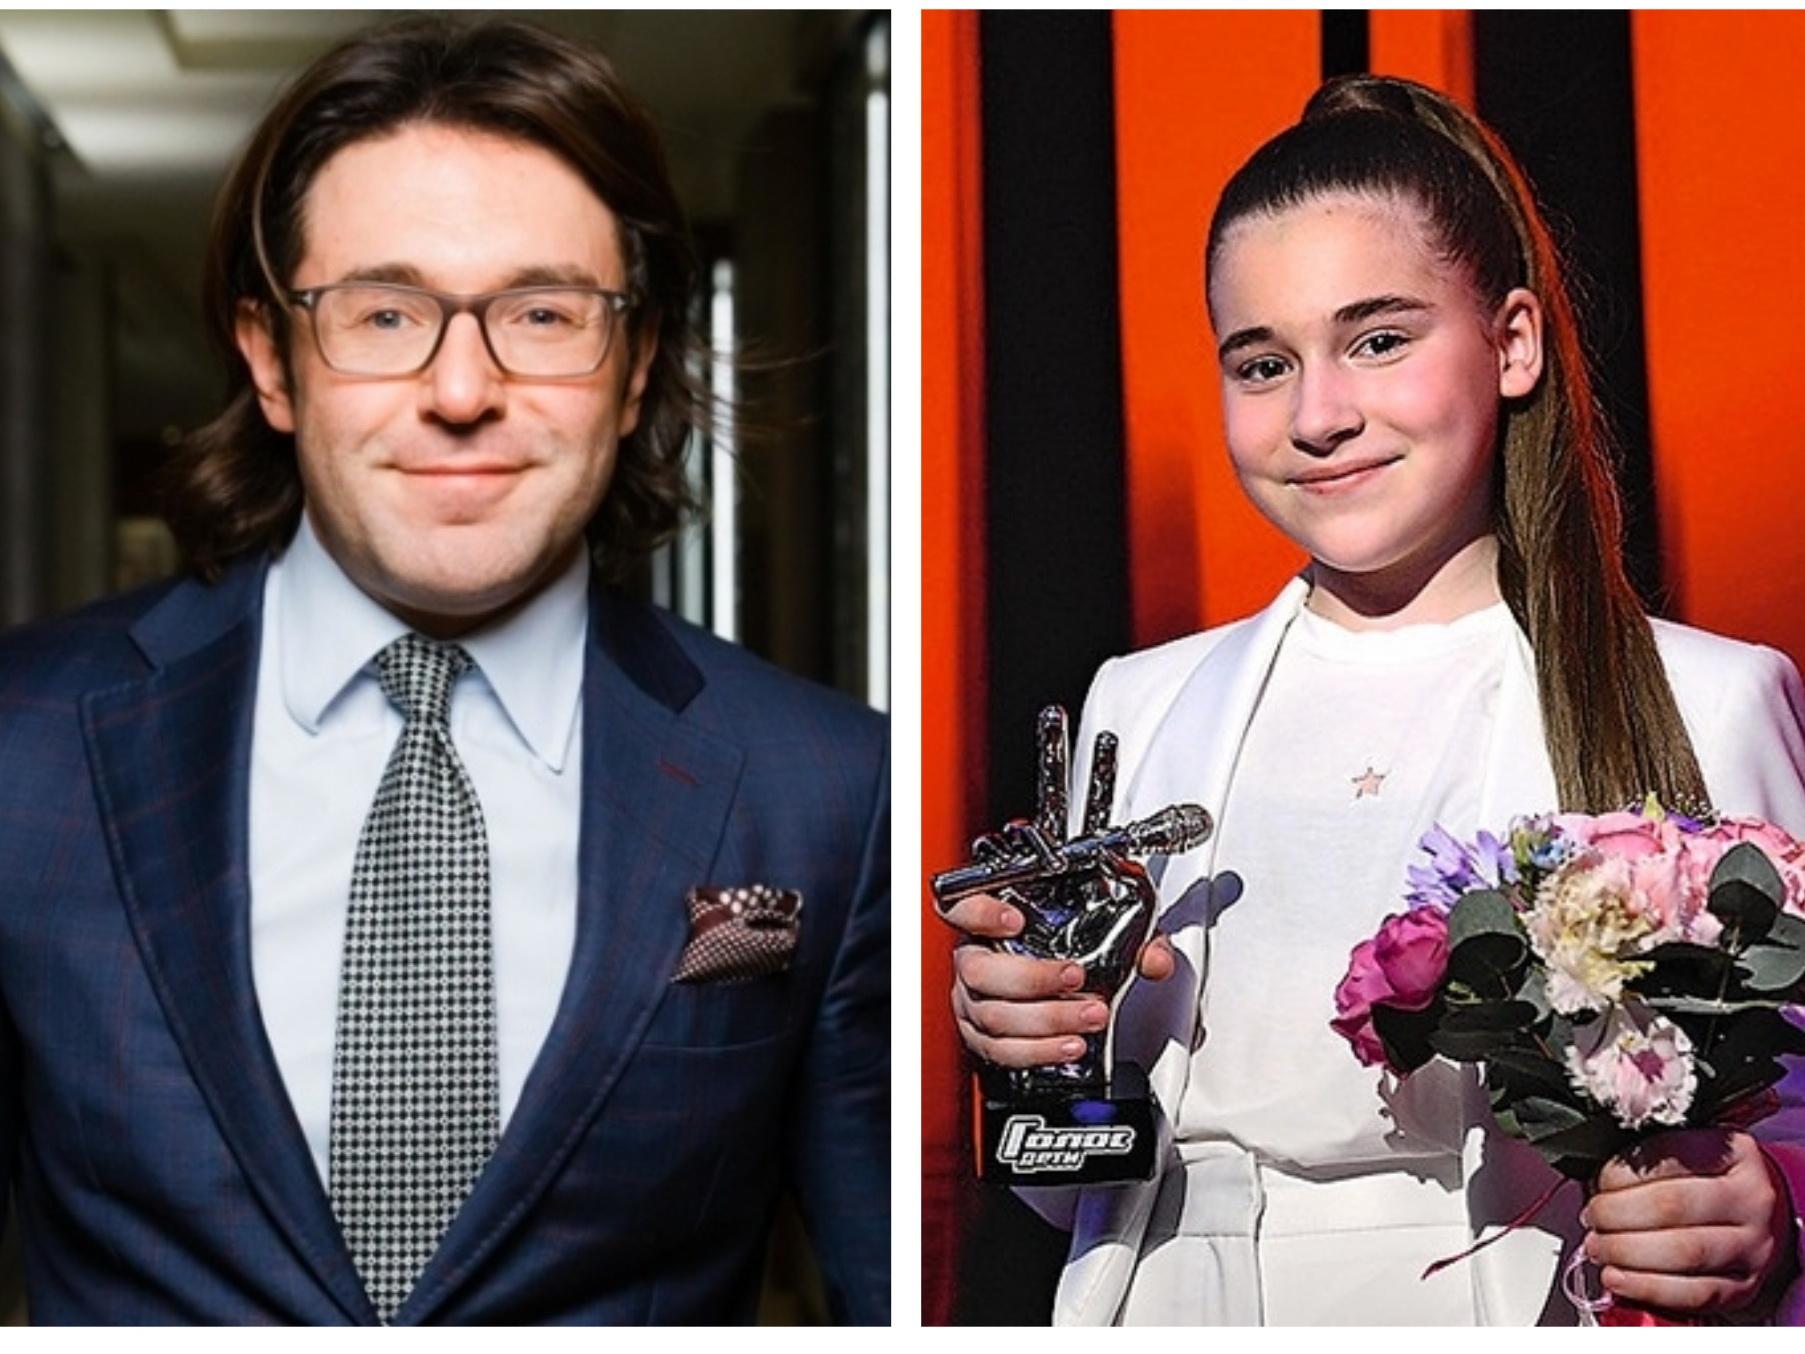 Андрей Малахов вступился за дочь Алсу: «Неужели 11-летняя девочка заслуживает потоков грязи?» - ВИДЕО